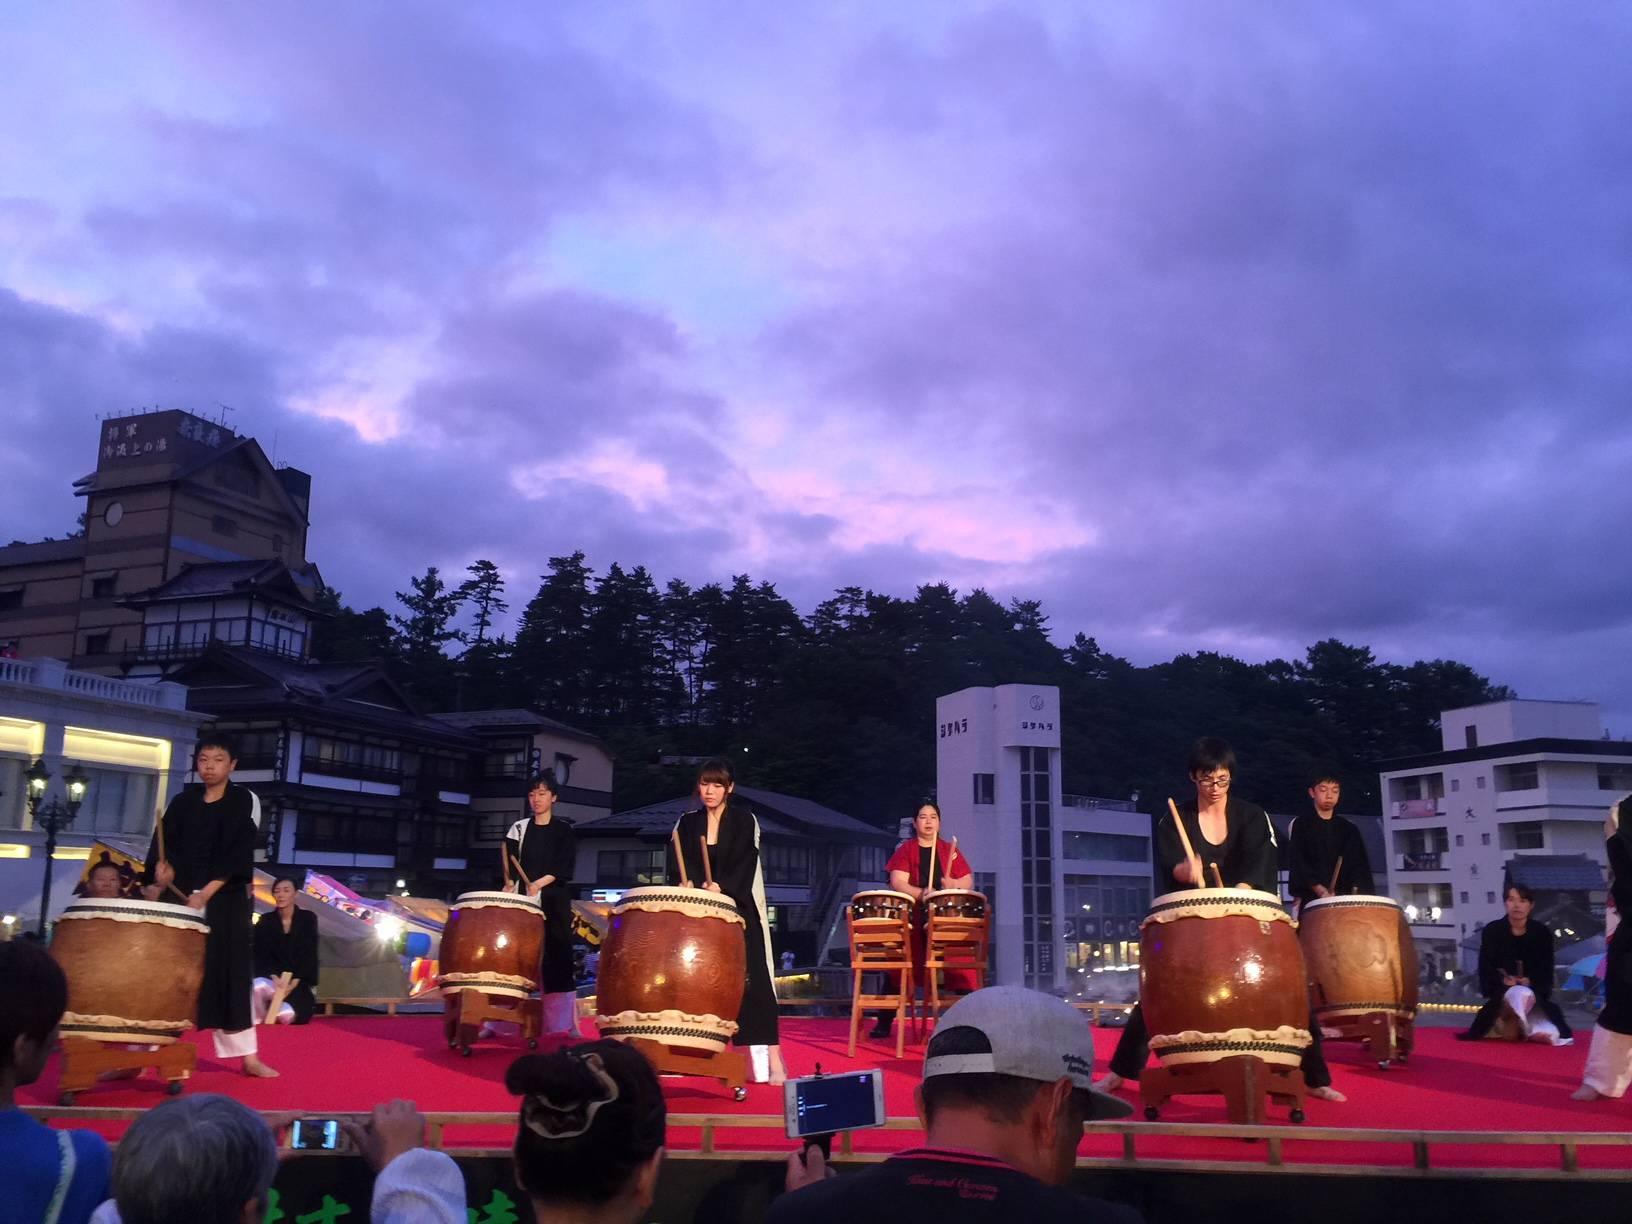 8月1日(木)・2日(金)夜の湯畑送迎中止のお知らせ